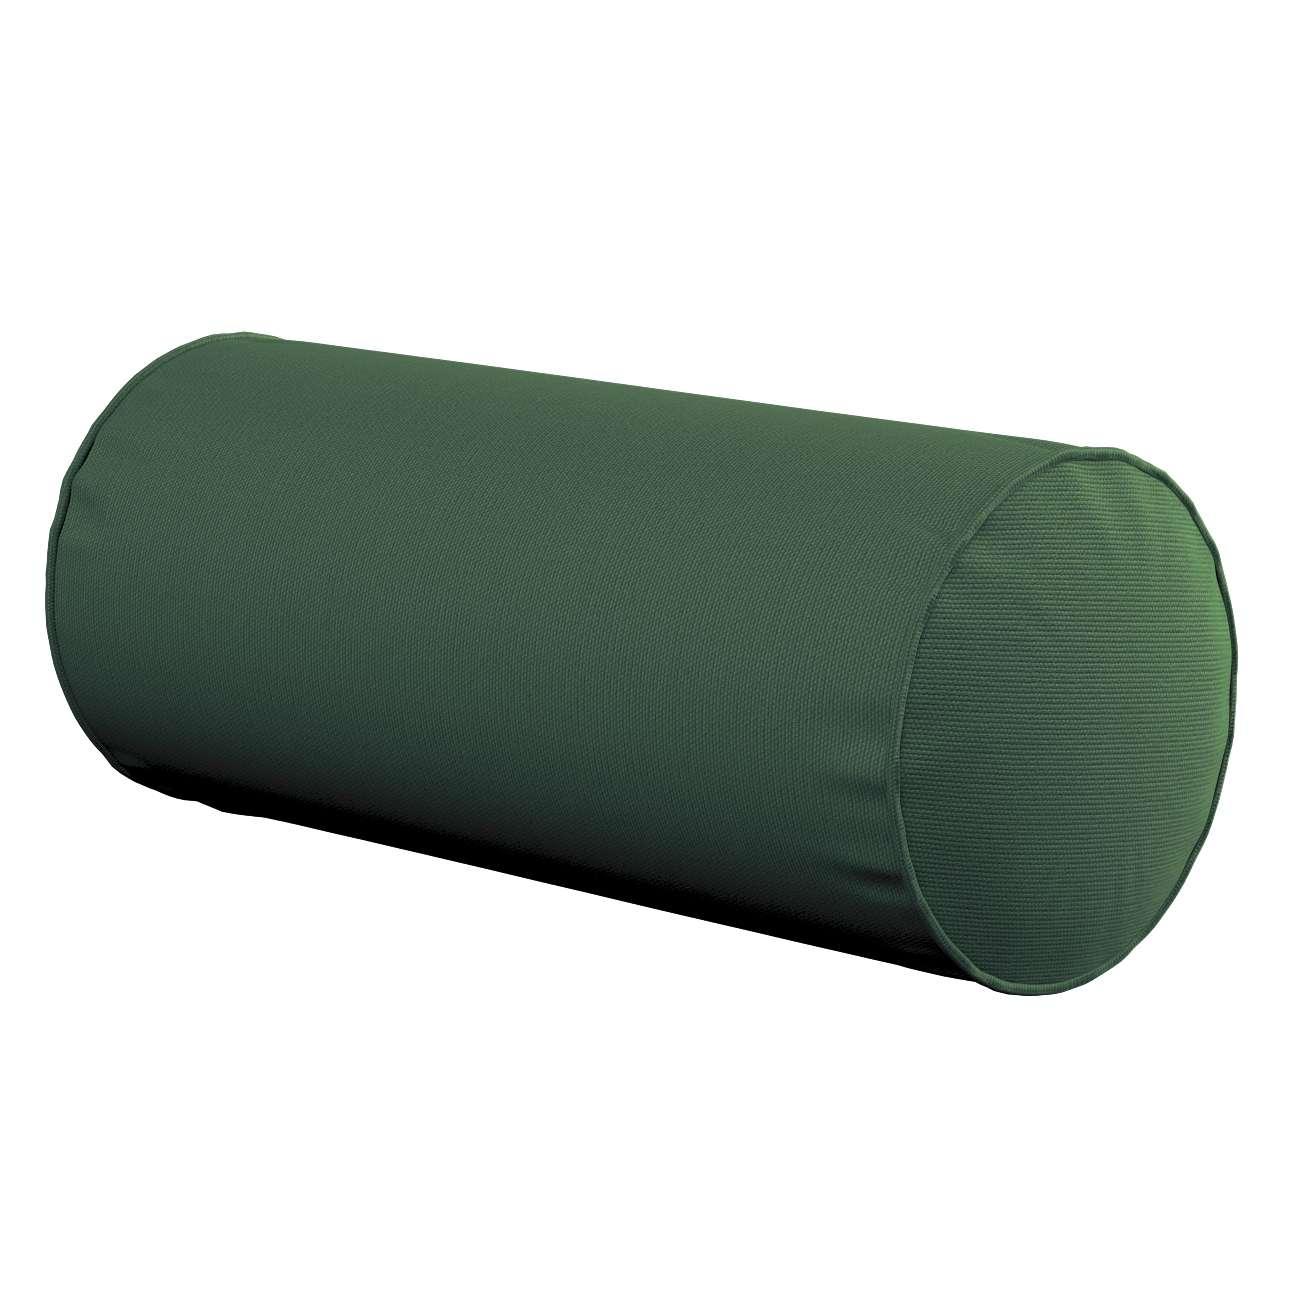 Ritinio formos  pagalvėlės užvalkalas Ø 16 x 40 cm (6 x 16 inch) kolekcijoje Cotton Panama, audinys: 702-06